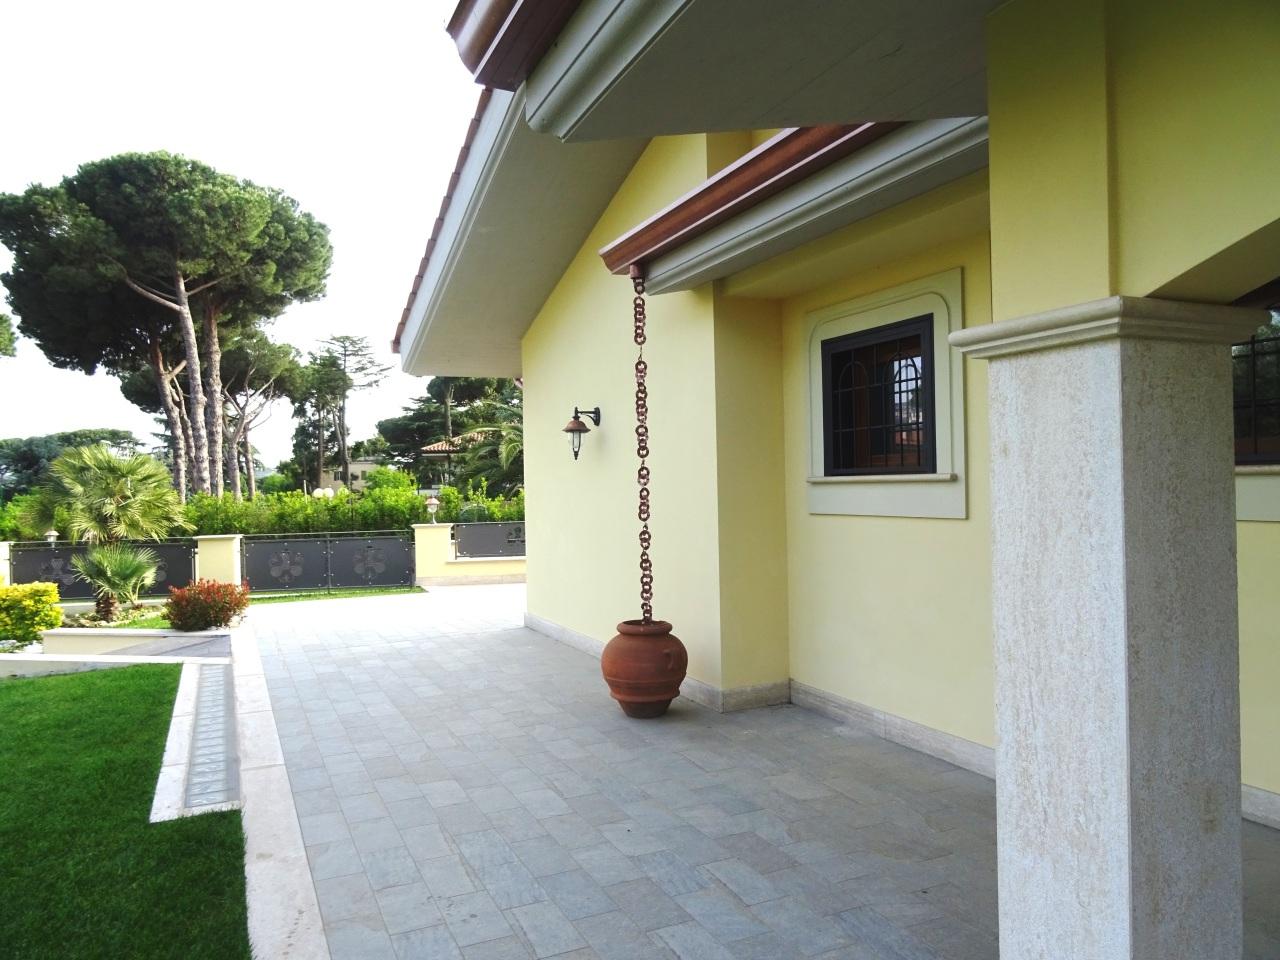 Soluzione Indipendente in vendita a Grottaferrata, 8 locali, prezzo € 790.000 | Cambio Casa.it